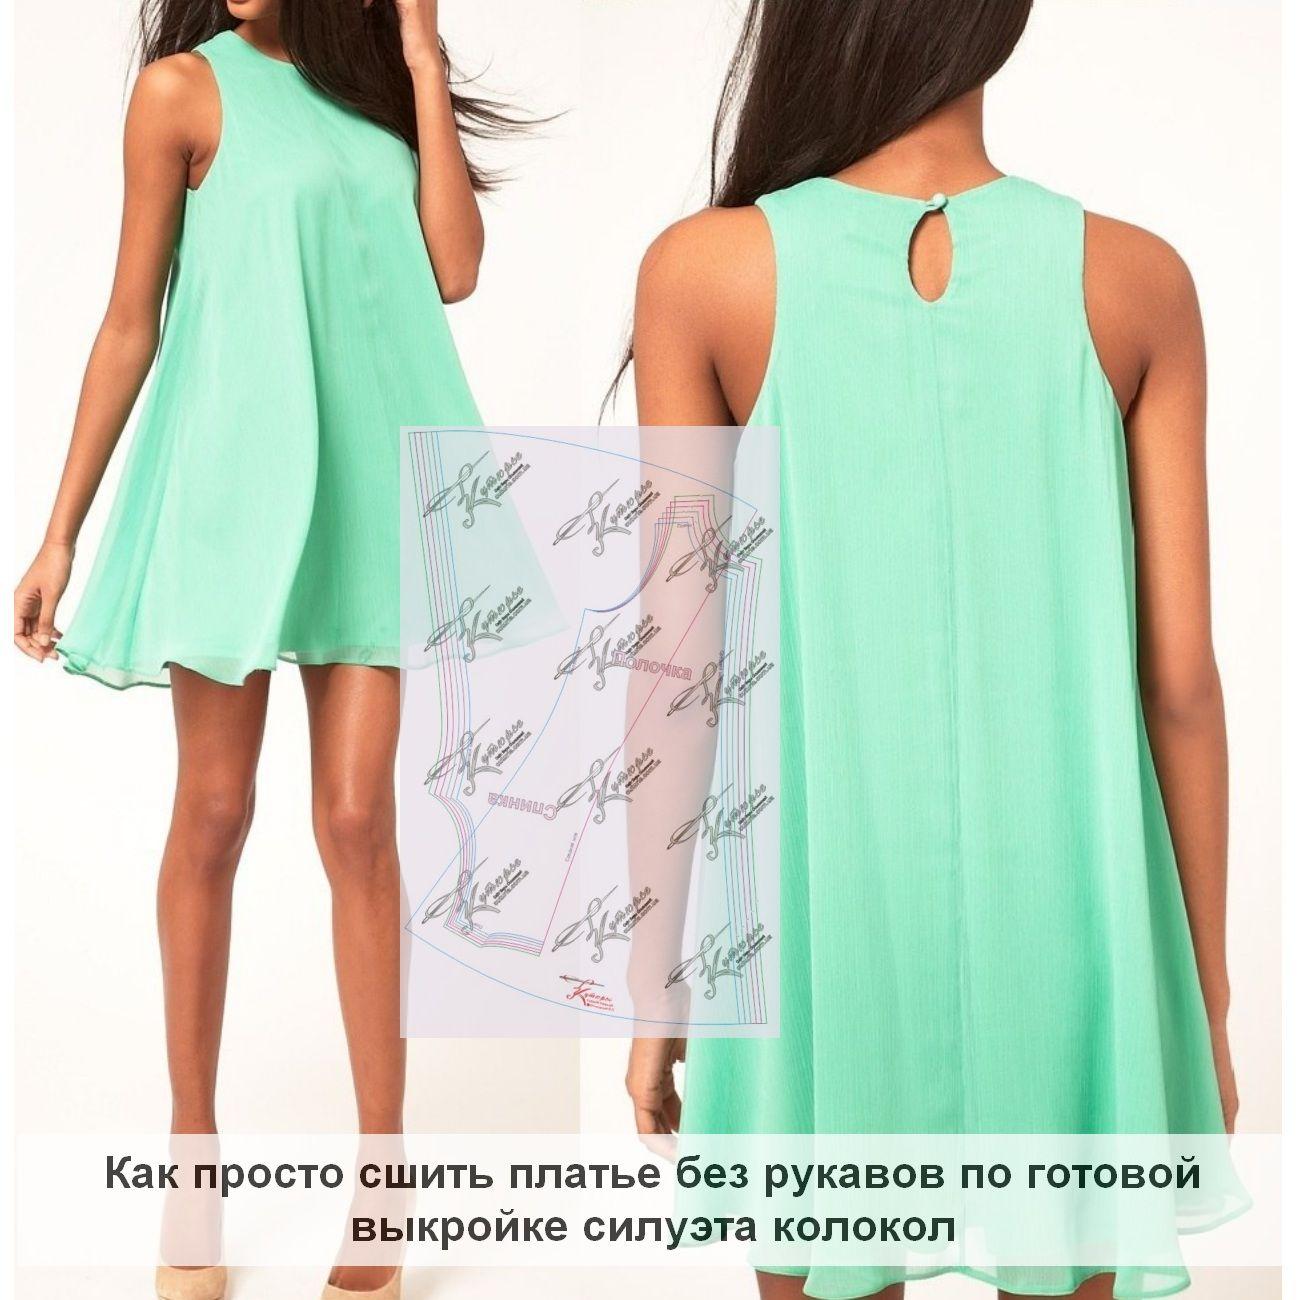 выкройки летнего платья без рукавов